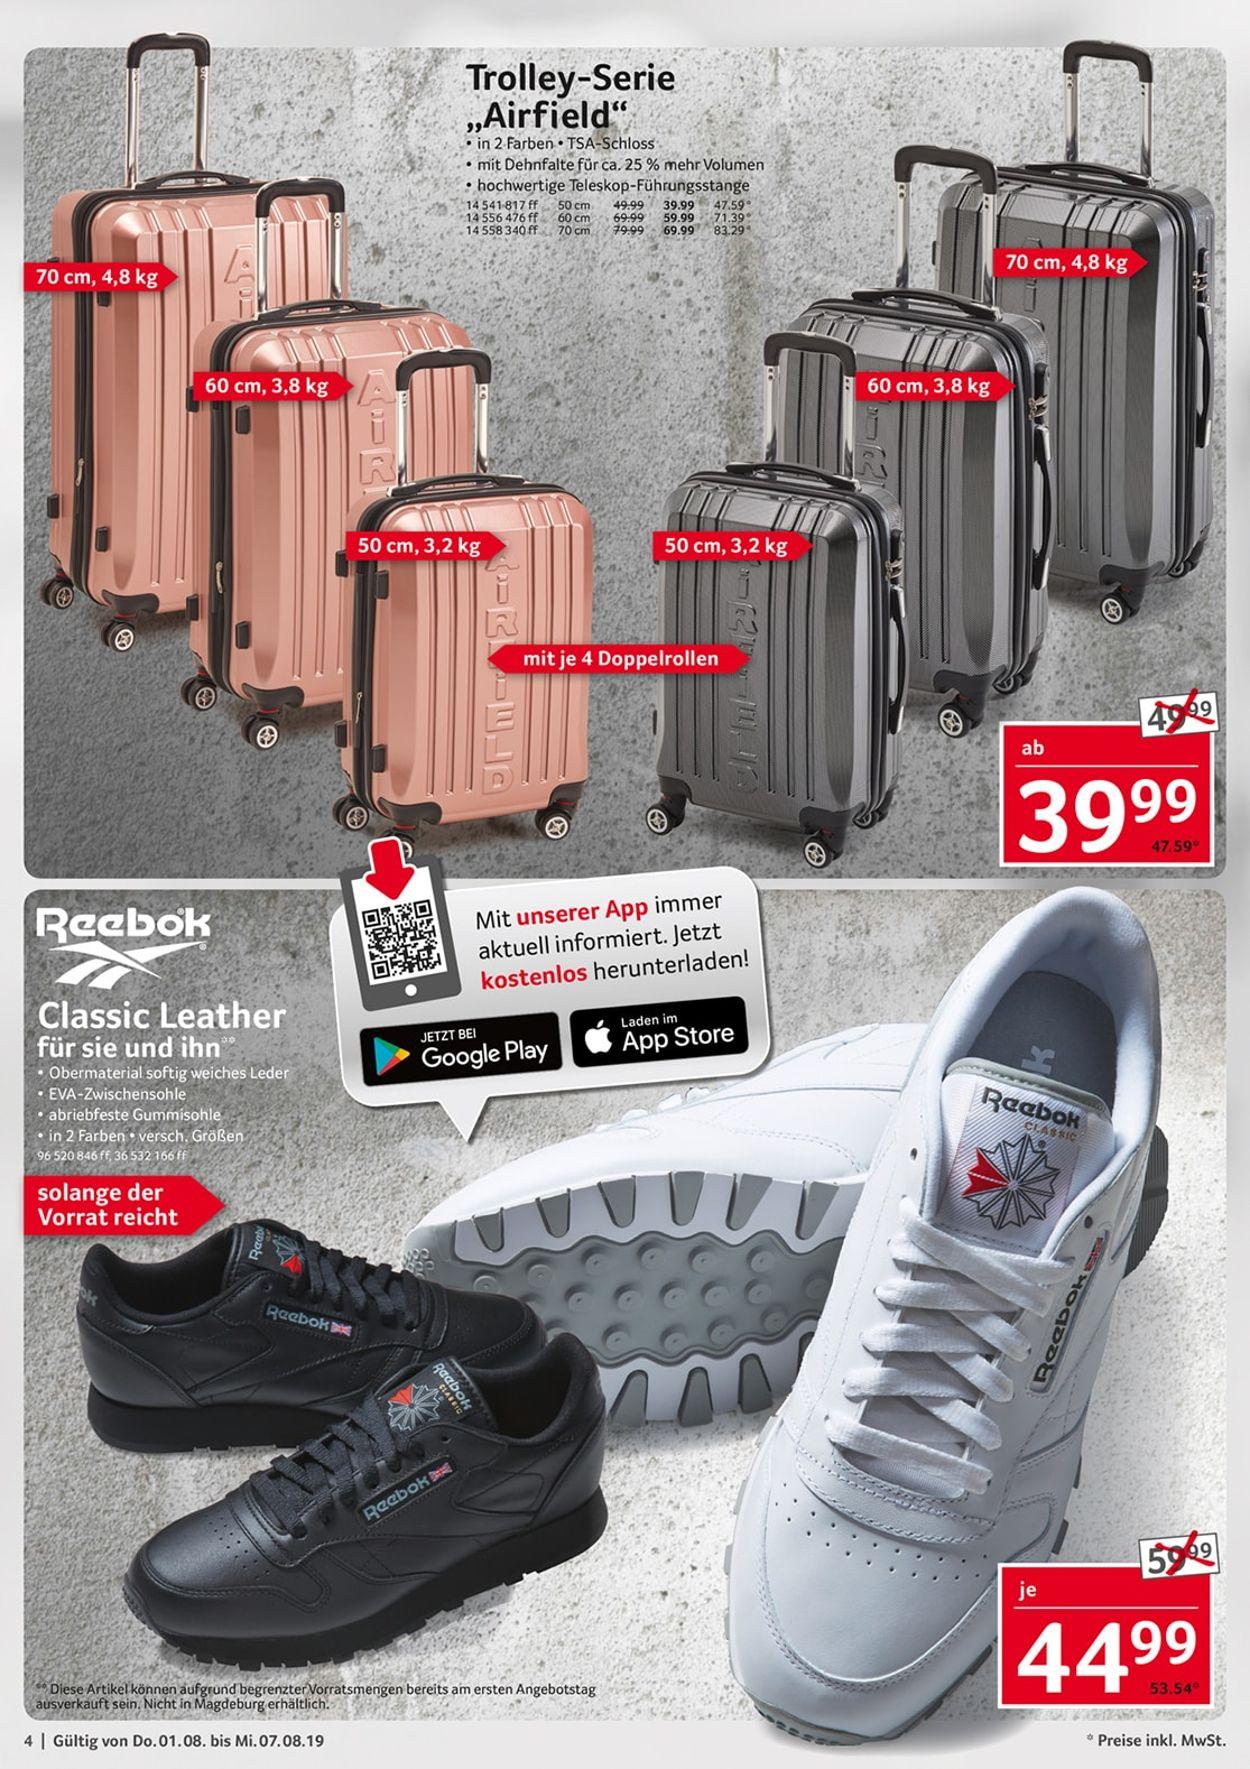 buy popular 308f3 32d10 Selgros Aktueller Prospekt 01.08 - 07.08.2019 [4 ...